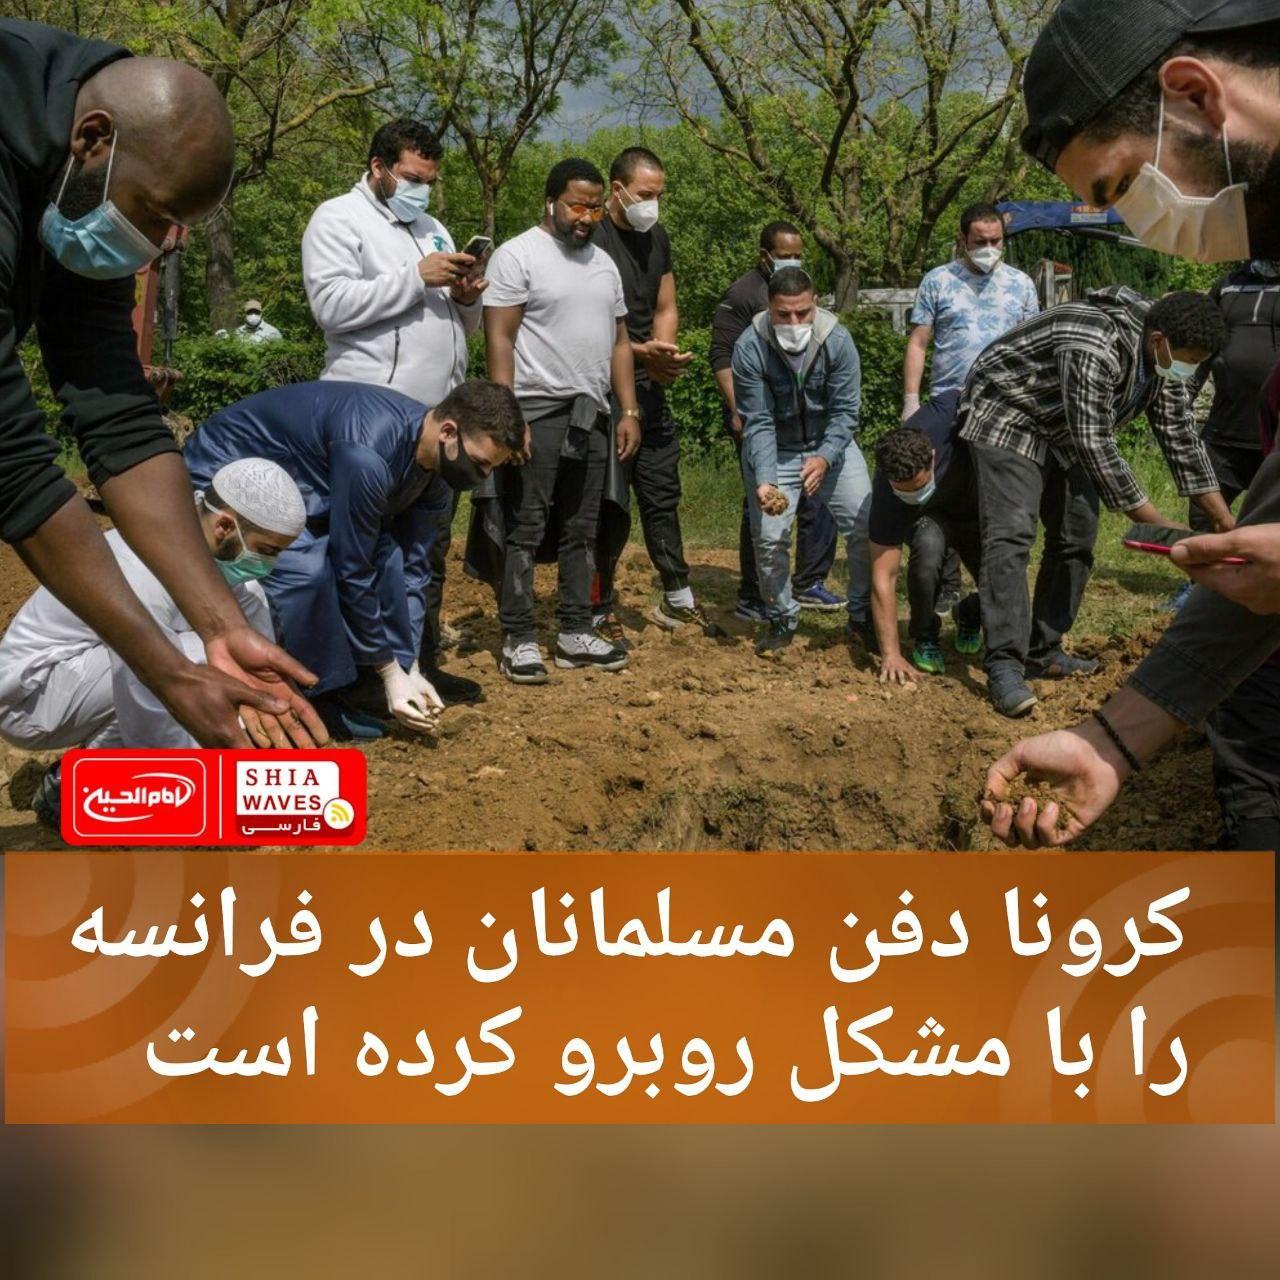 تصویر کرونا دفن مسلمانان در فرانسه را با مشکل روبرو کرده است